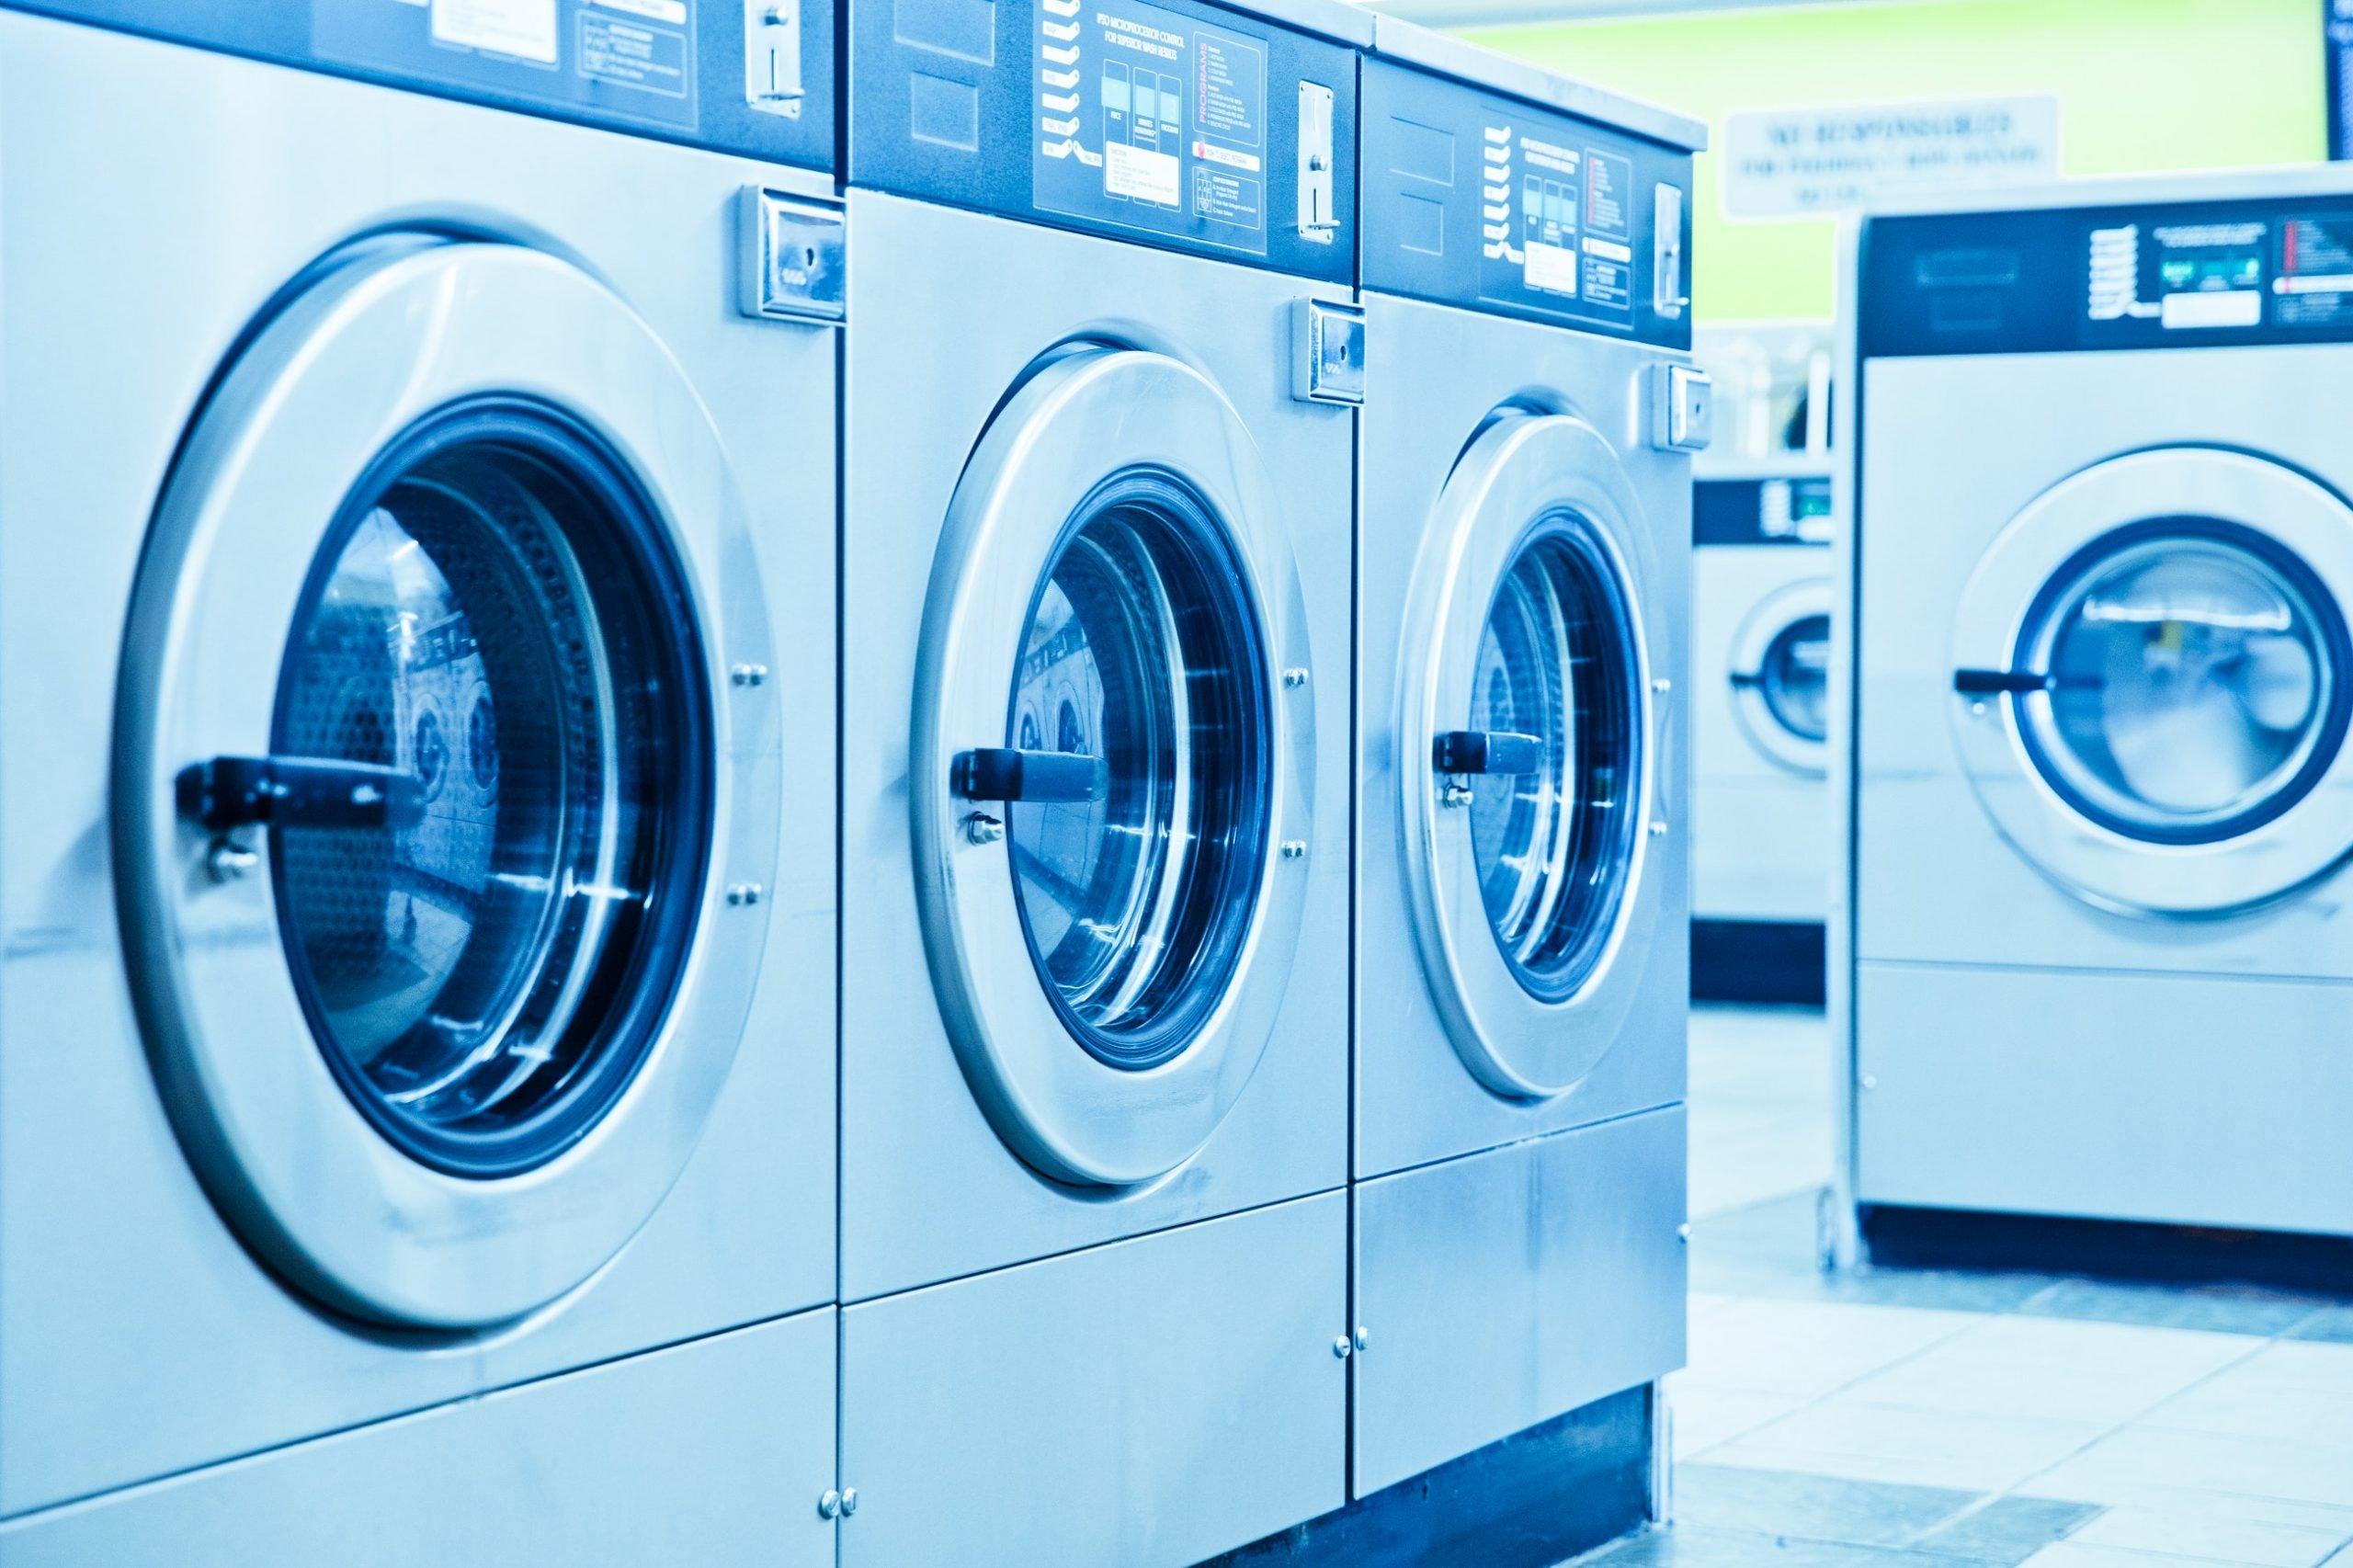 najlepsze marki pralek